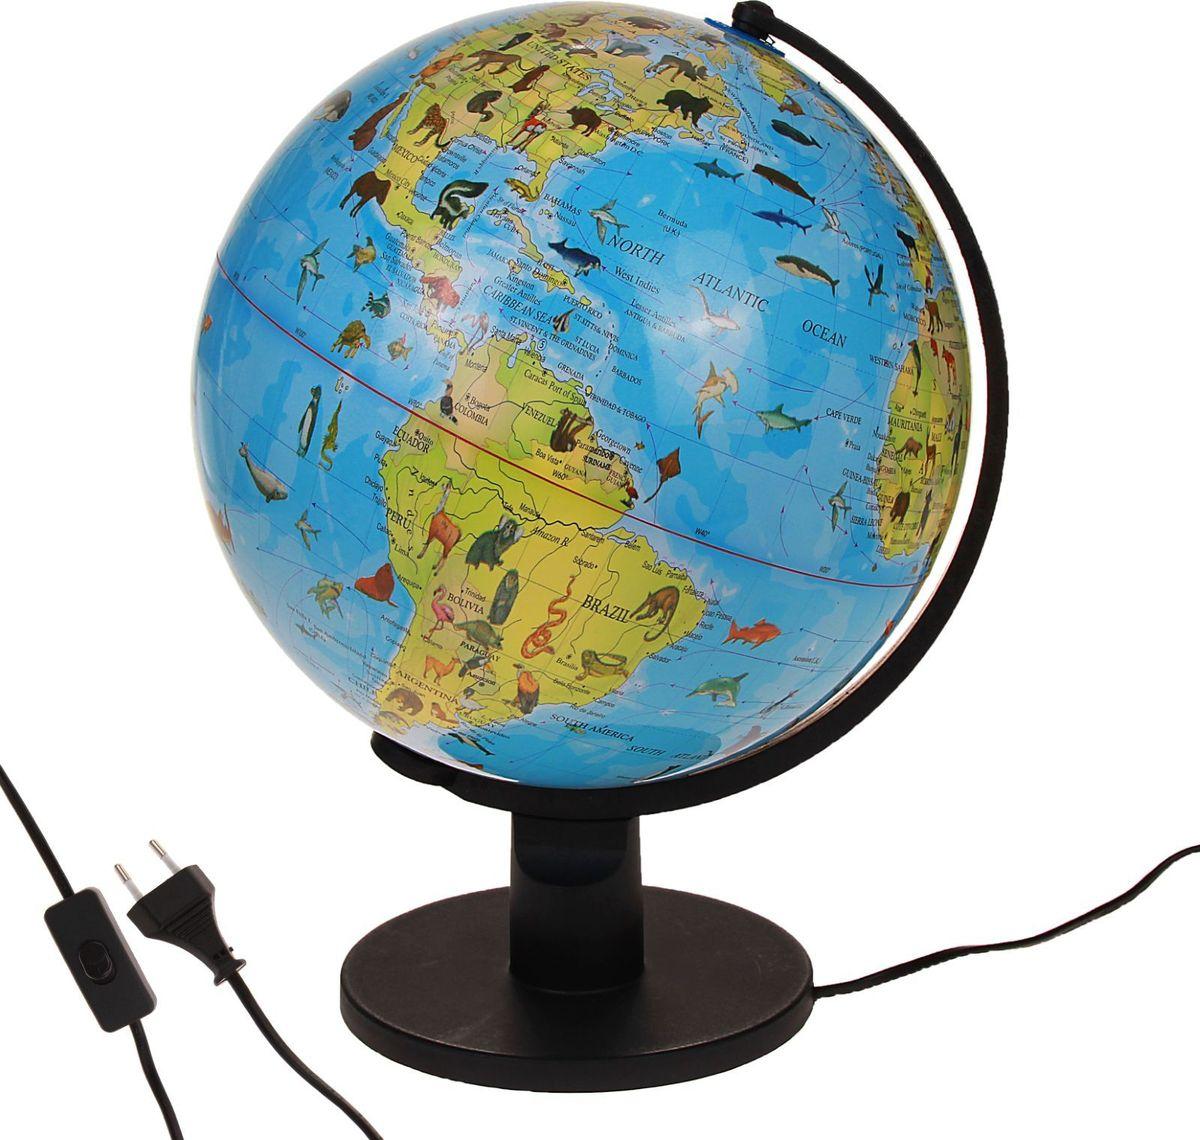 Глобус Ареал животных на английском языке диаметр 30 см186793Этот макет земного шара дает информацию о распространении живых существ по континентам и водам мирового океана. С его помощью вы увидите, на какой территории обитает определенный вид животного. Помните, что границы ареалов условны, потому что не все популяции постоянно проживают в пределах одной зоны. На глобусе также отображены: страны, столицы и названия некоторых крупных населенных пунктов экватор параллели меридианы градусы государственные границы демаркационные линии. Используйте изделие как ночник. Он оснащен мягкой, приглушенной LED-подсветкой. Характеристики Объекты подписаны на английском языке. Высота глобуса с подставкой: 42 см. Диаметр: 30 см. Масштаб: 1:42 500 000. Изготовлен из прочного пластика.